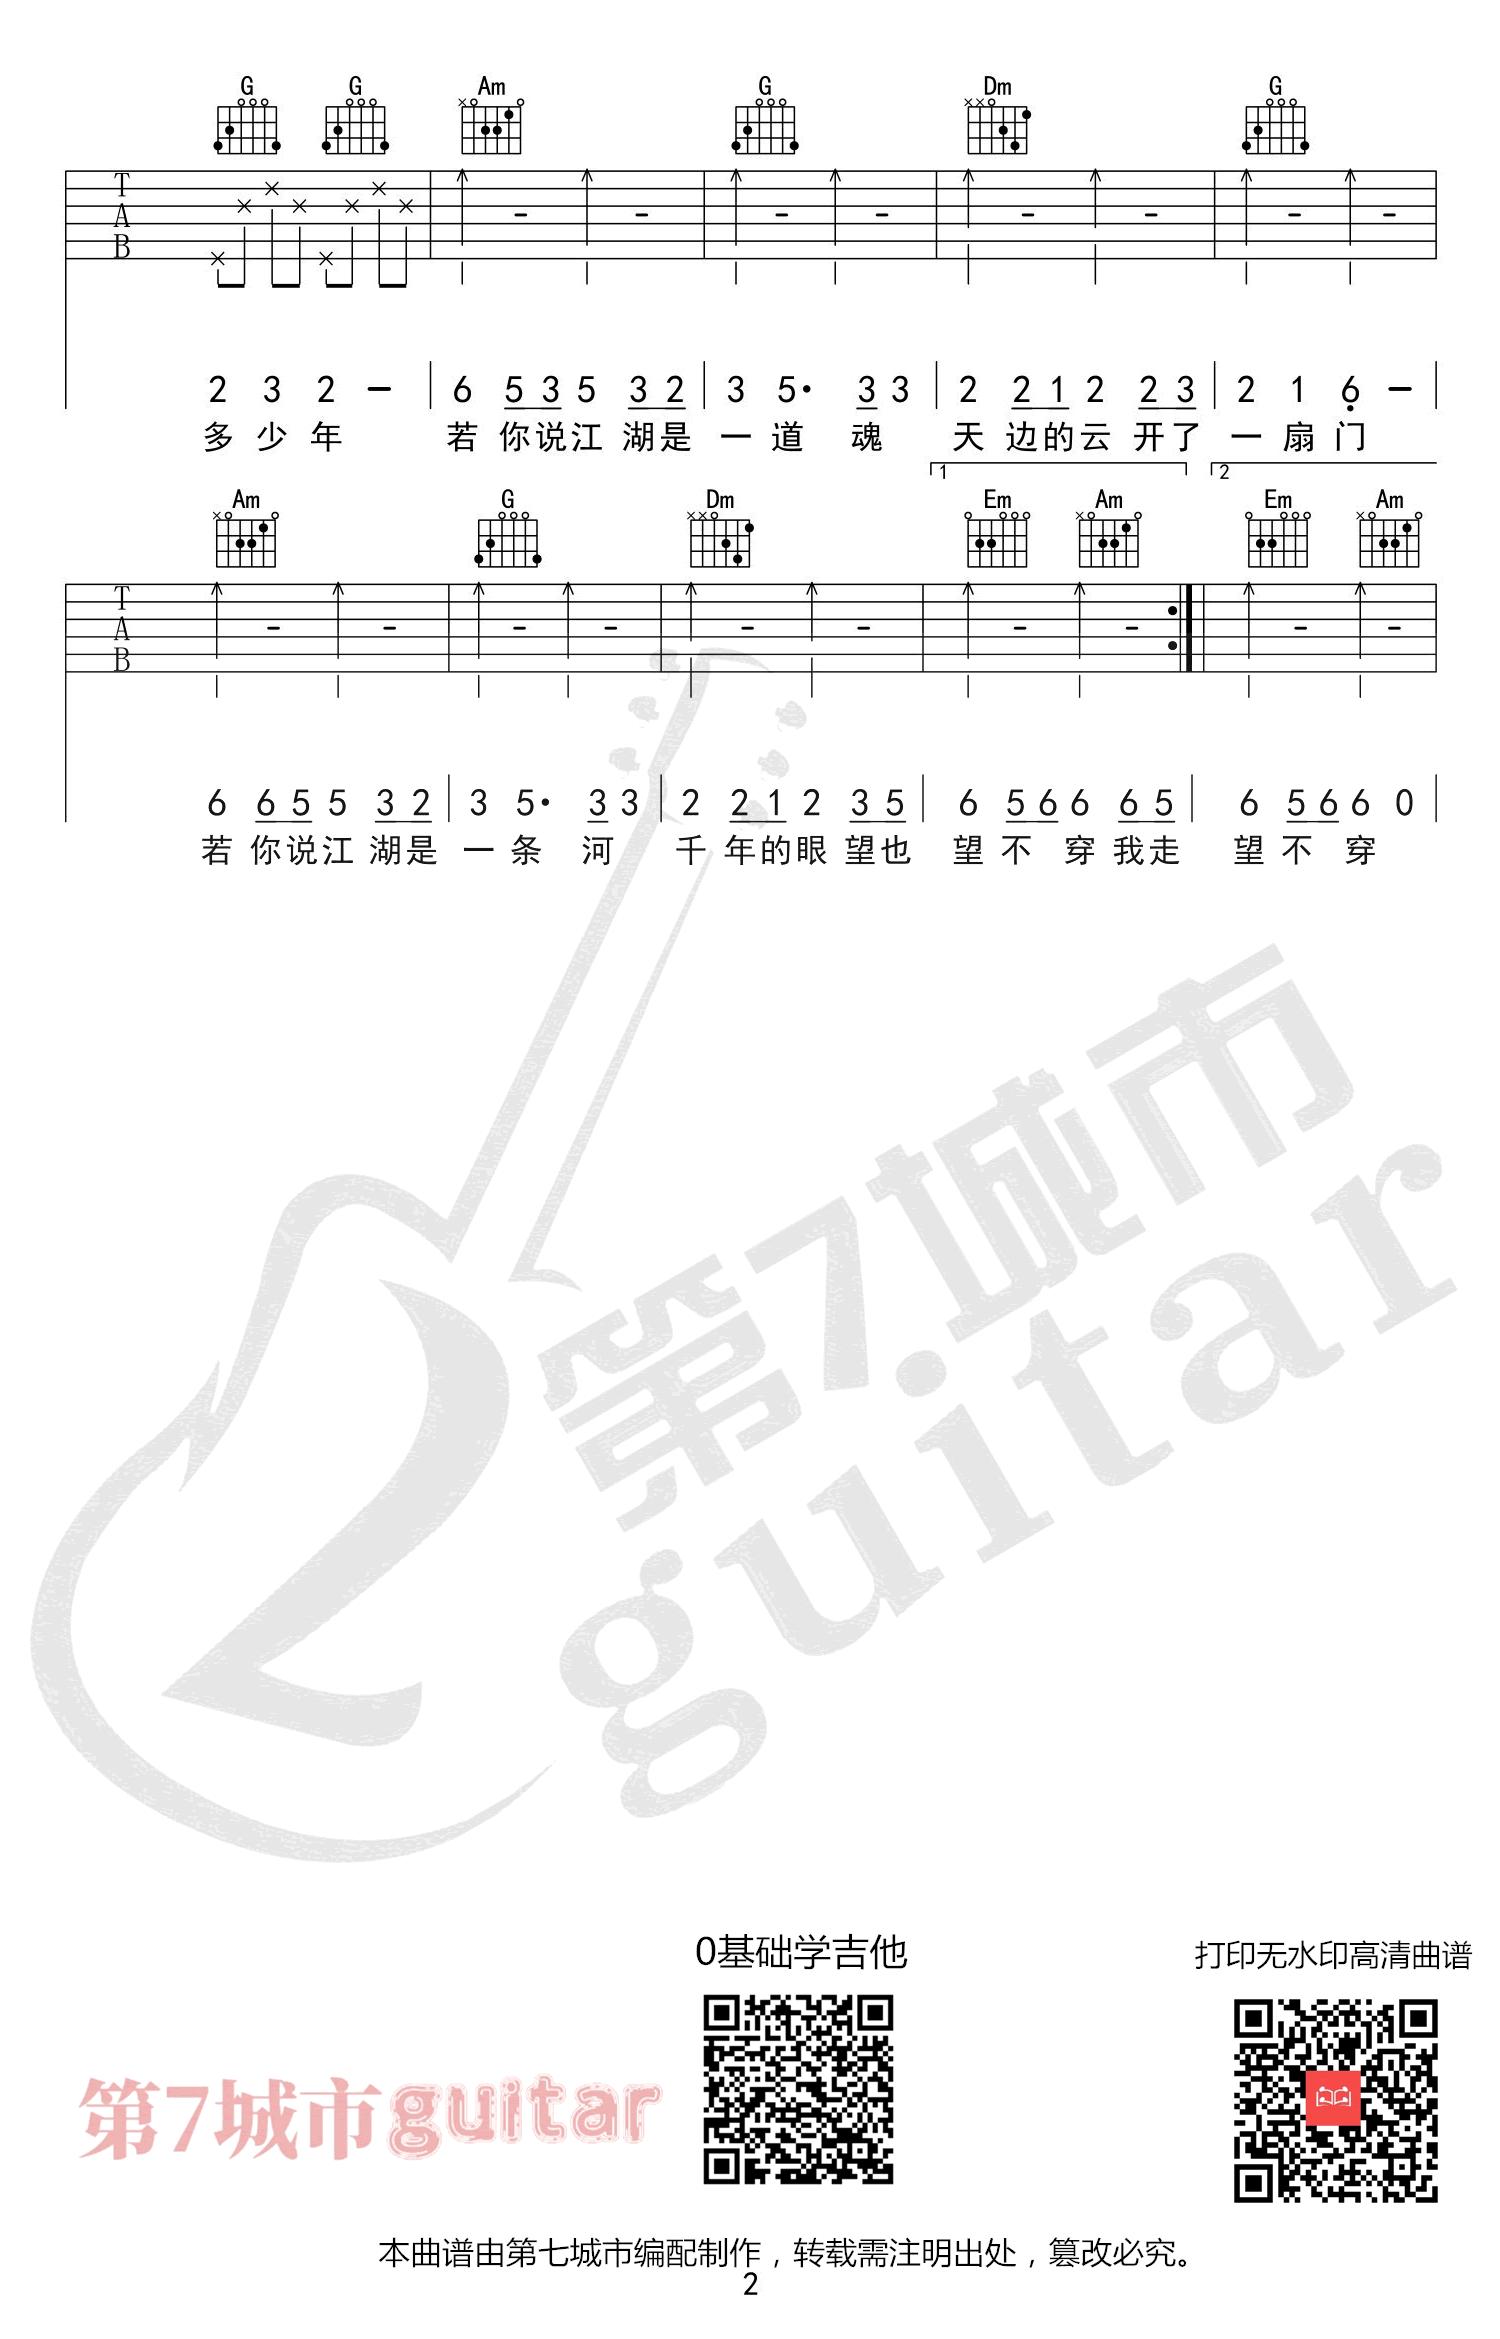 井胧井迪儿-骁吉他谱-2